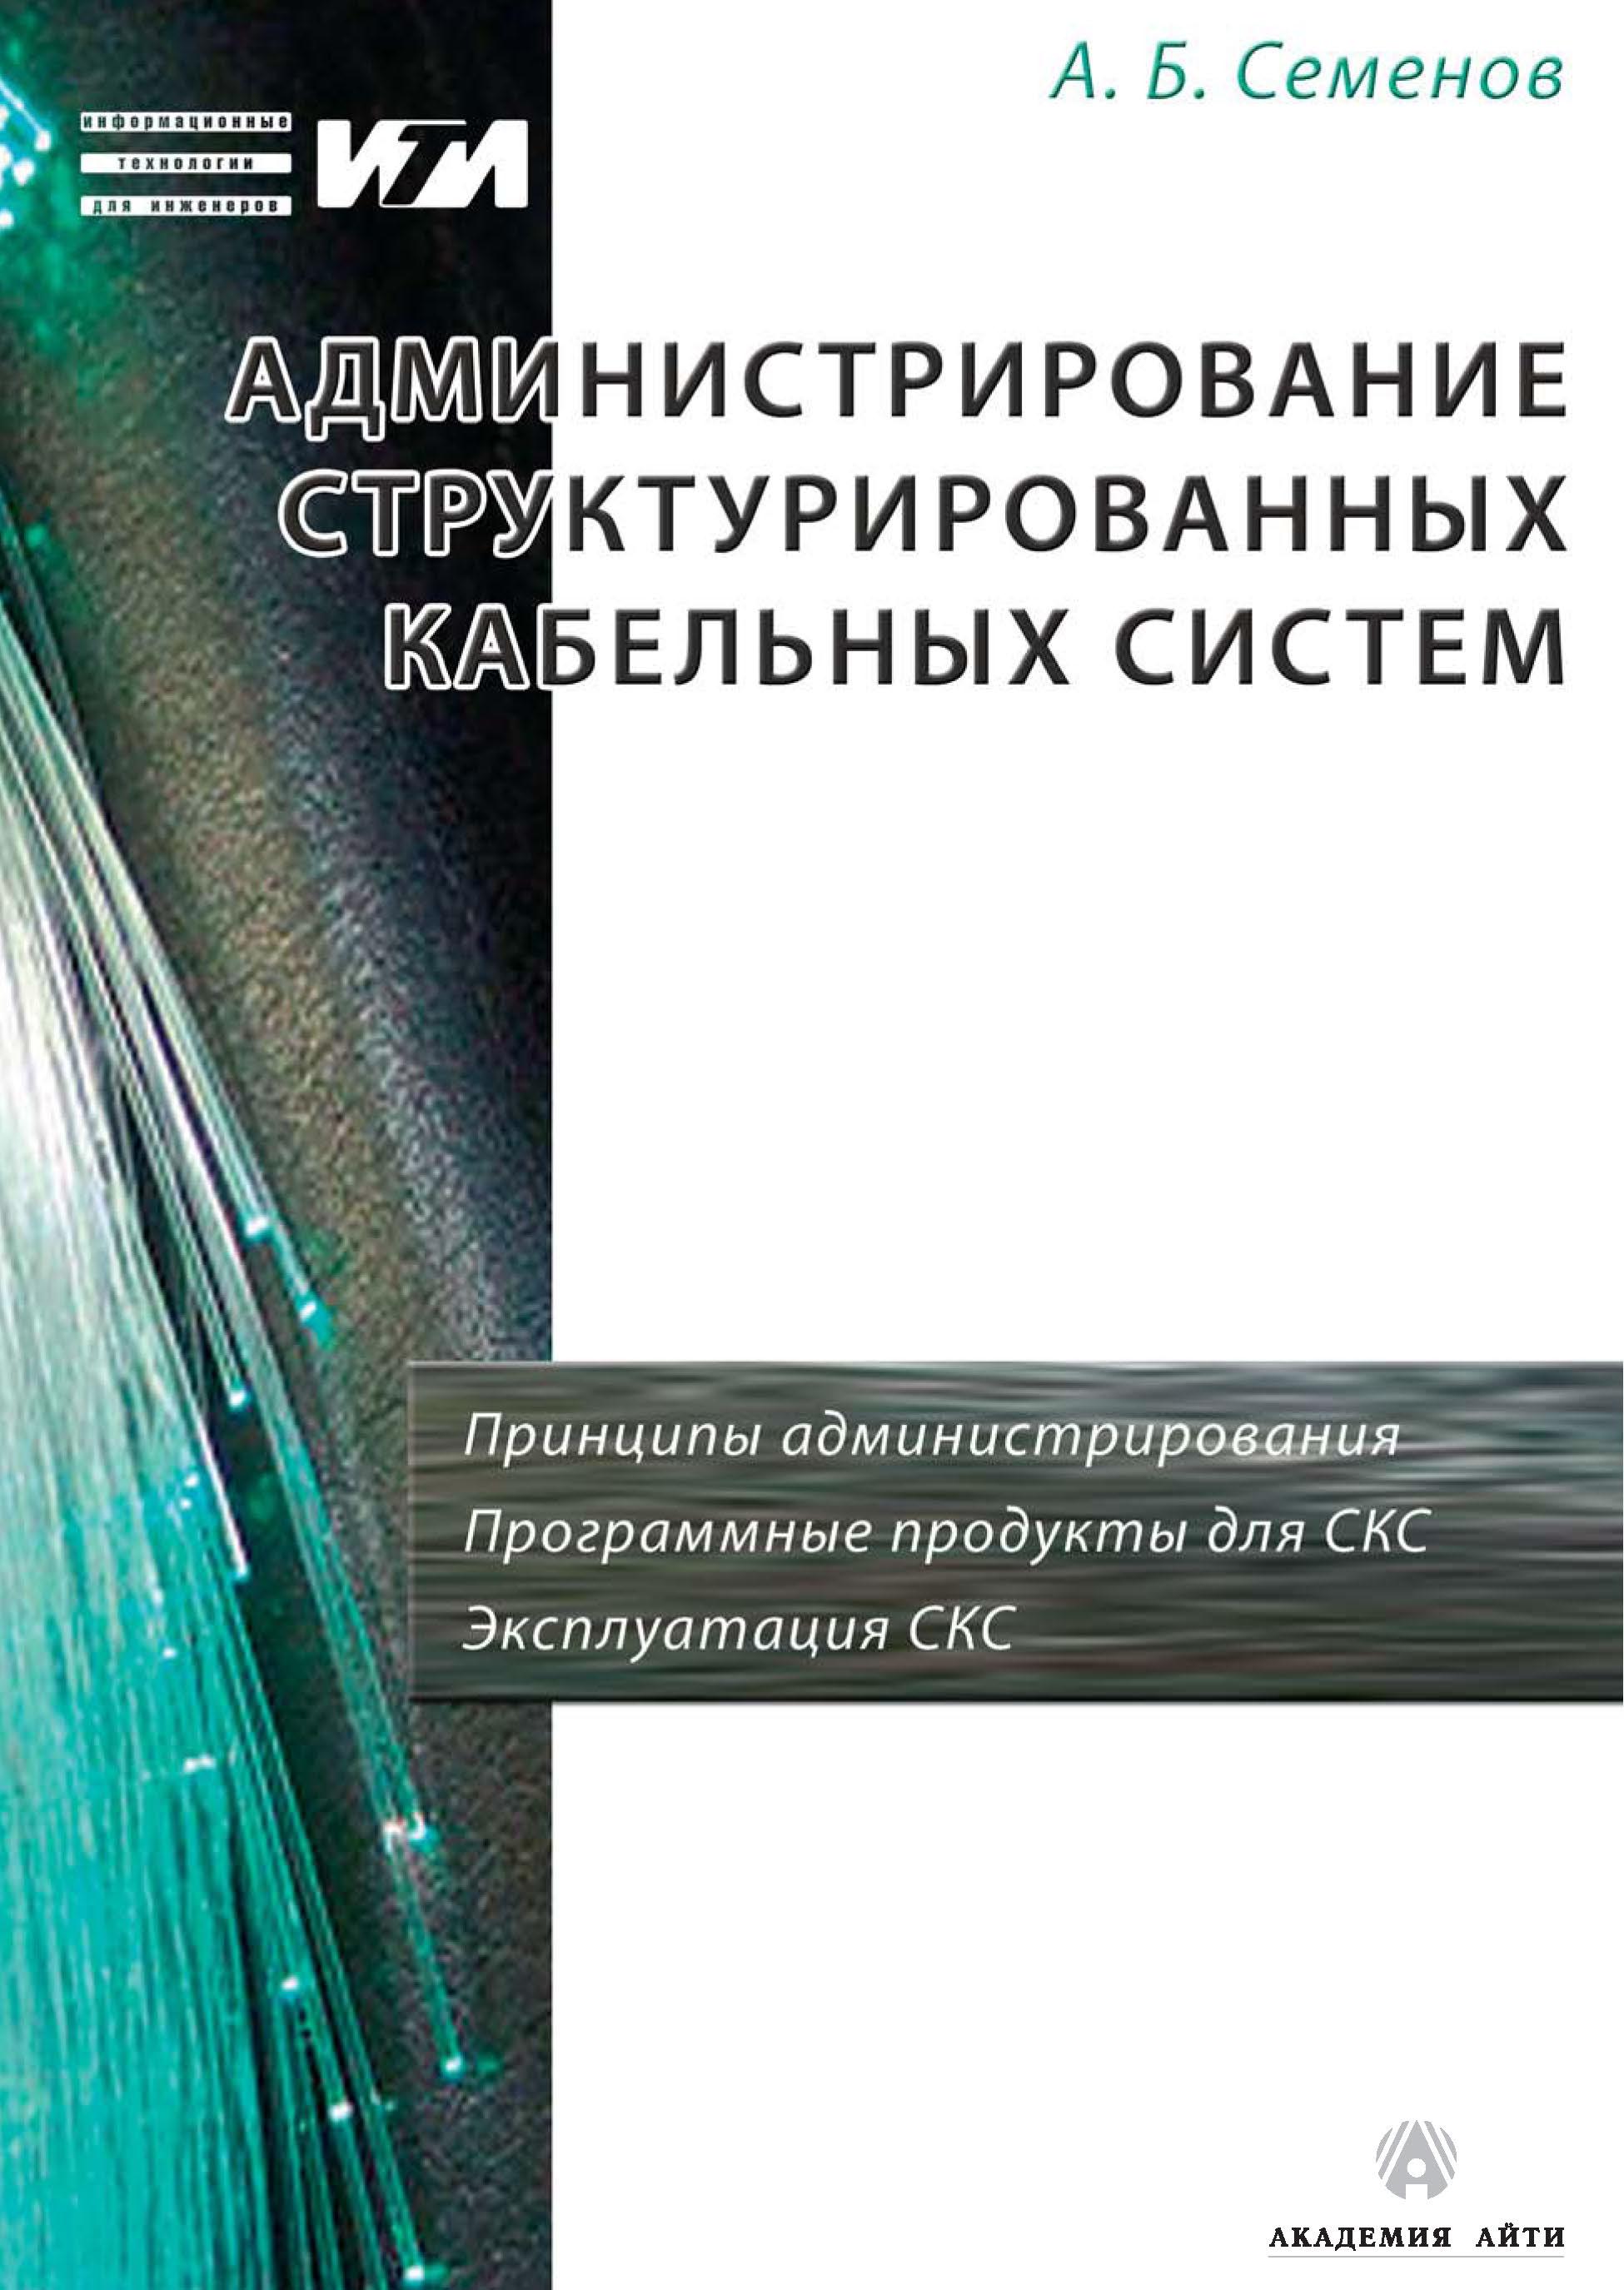 А. Б. Семено Администрироание структурироанных кабельных систем